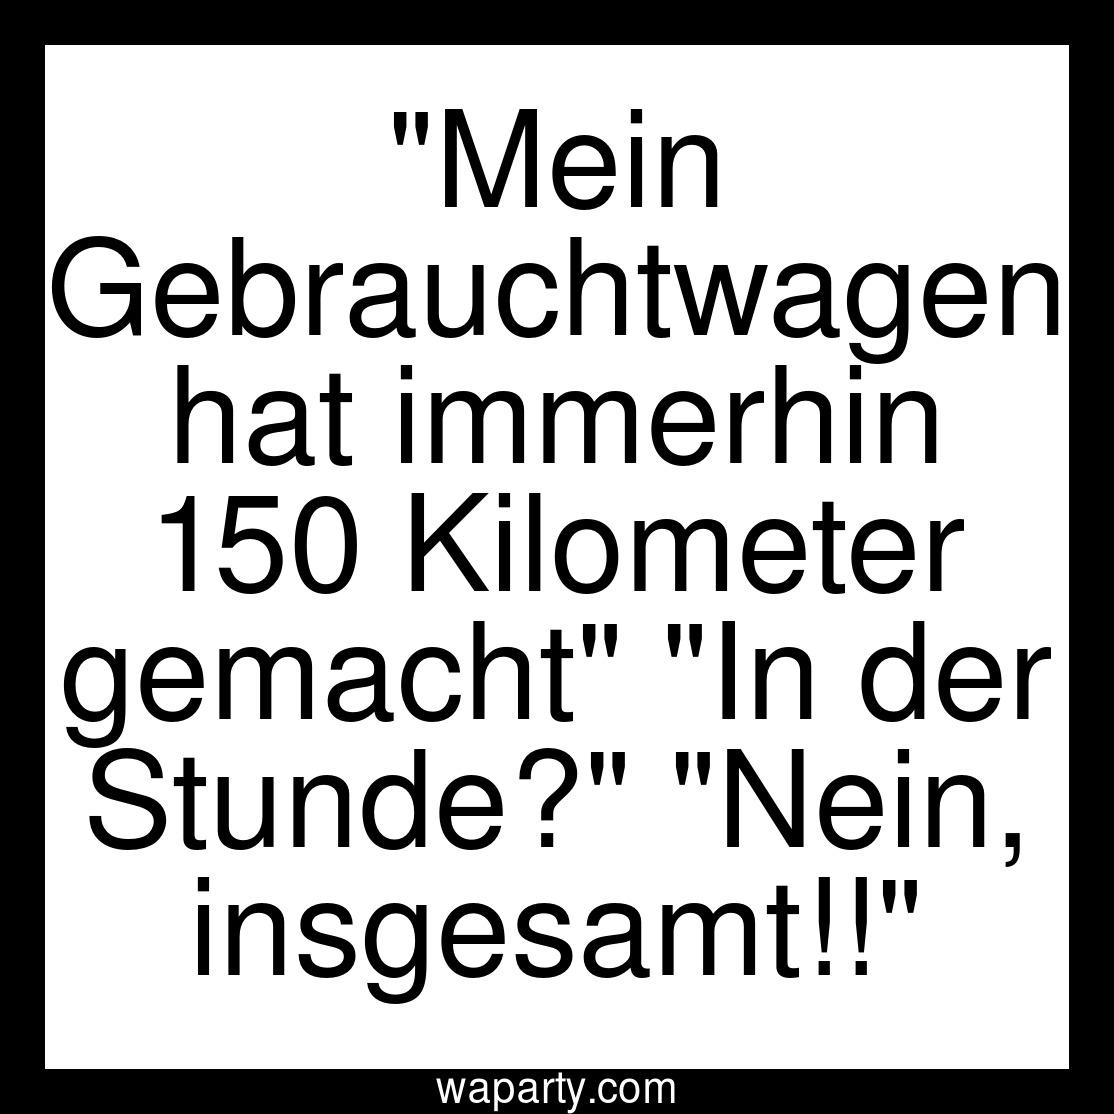 Mein Gebrauchtwagen hat immerhin 150 Kilometer gemacht In der Stunde? Nein, insgesamt!!